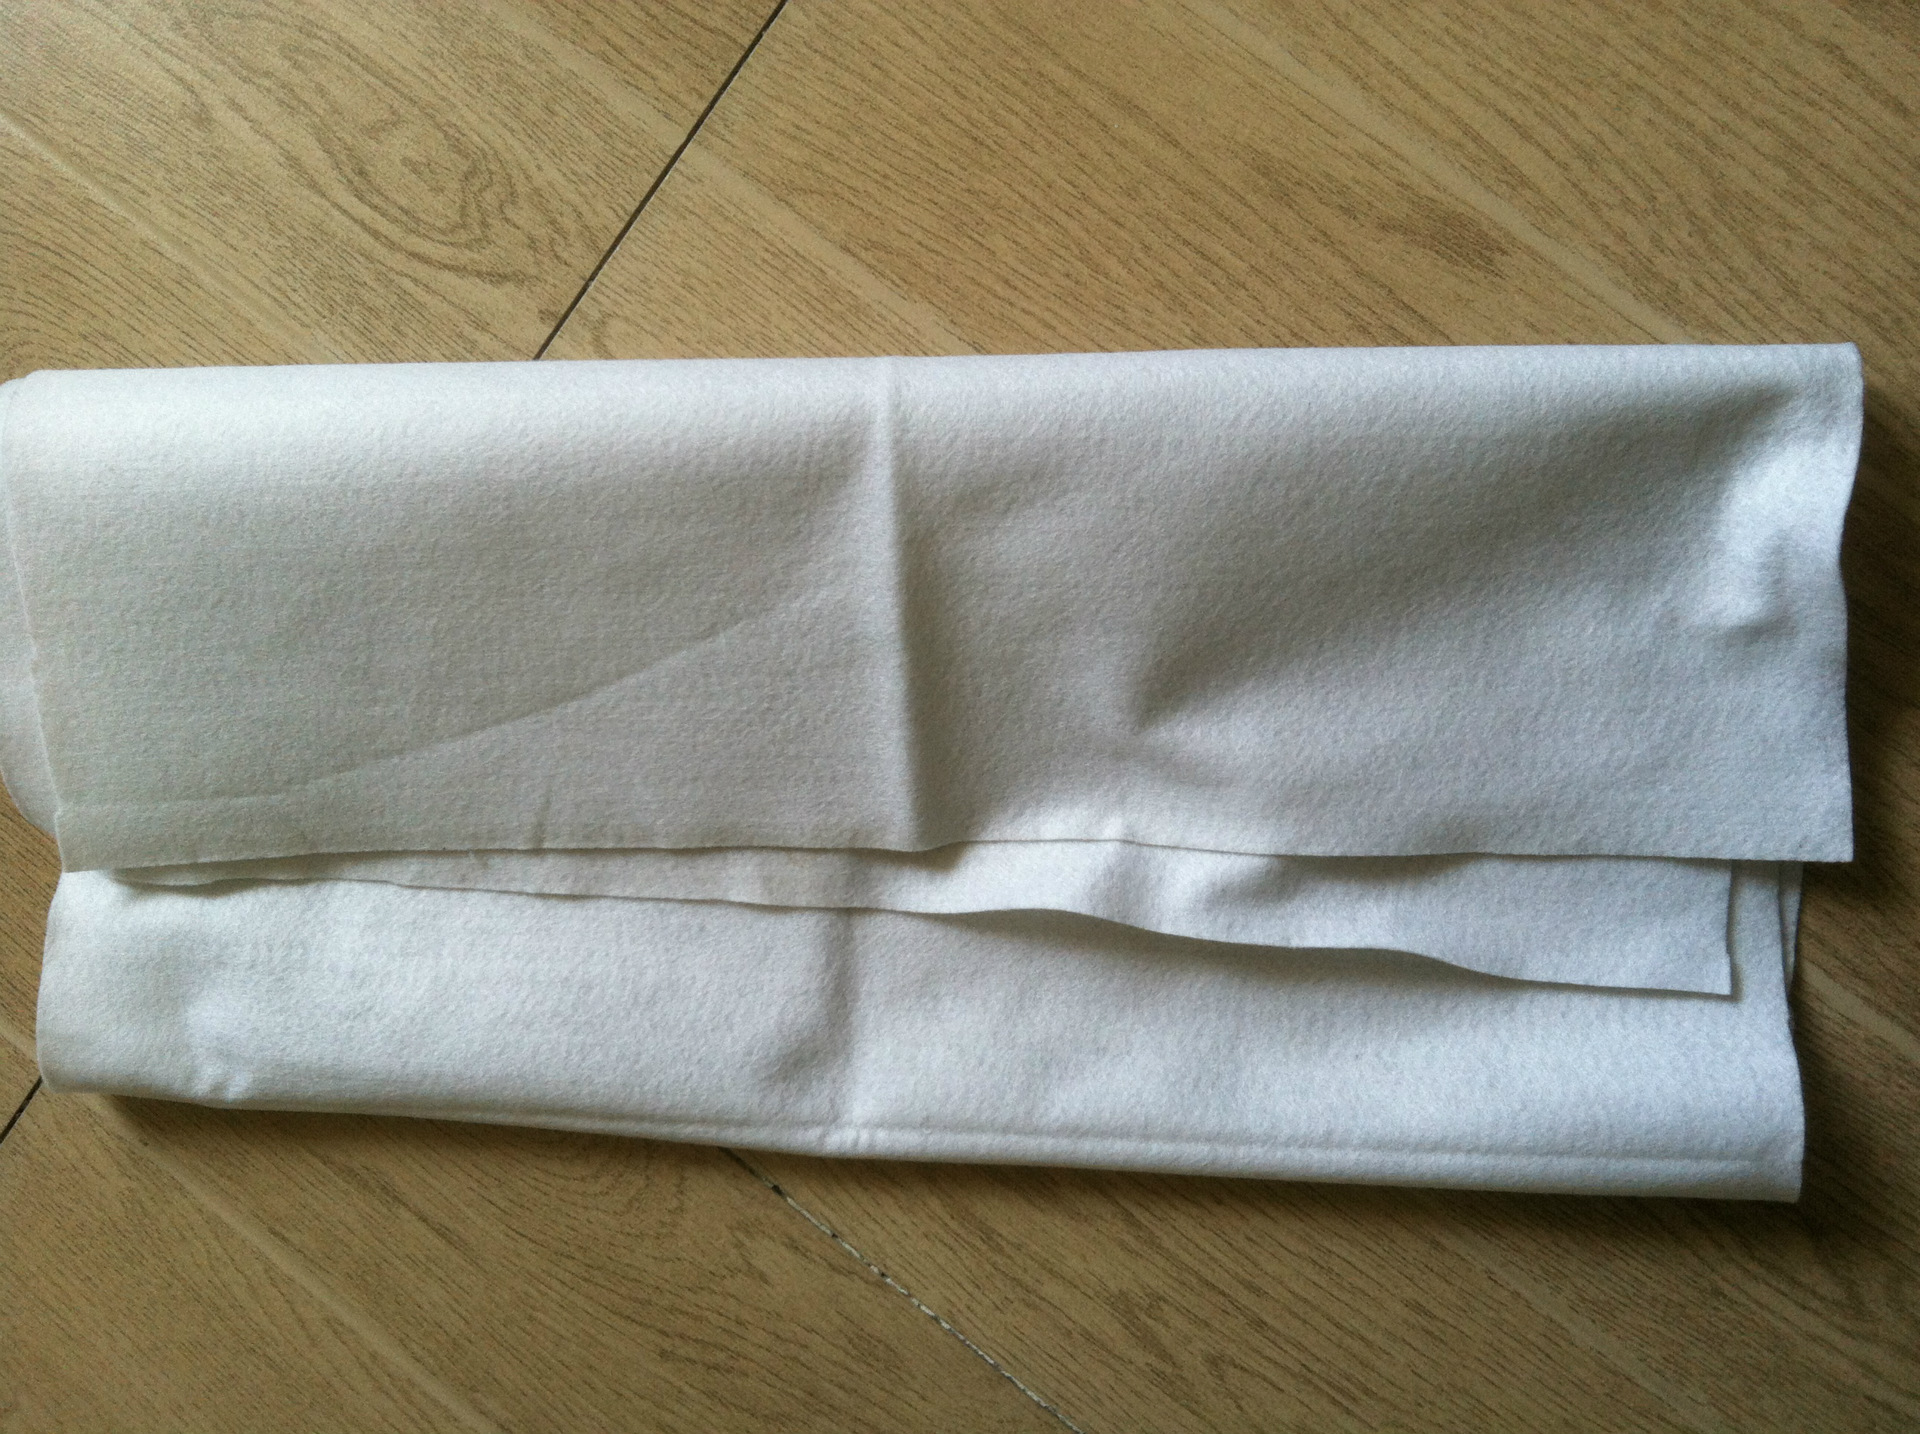 针刺无纺布,无纺棉,涤纶无纺布,厚度0.6mm-3.5mm